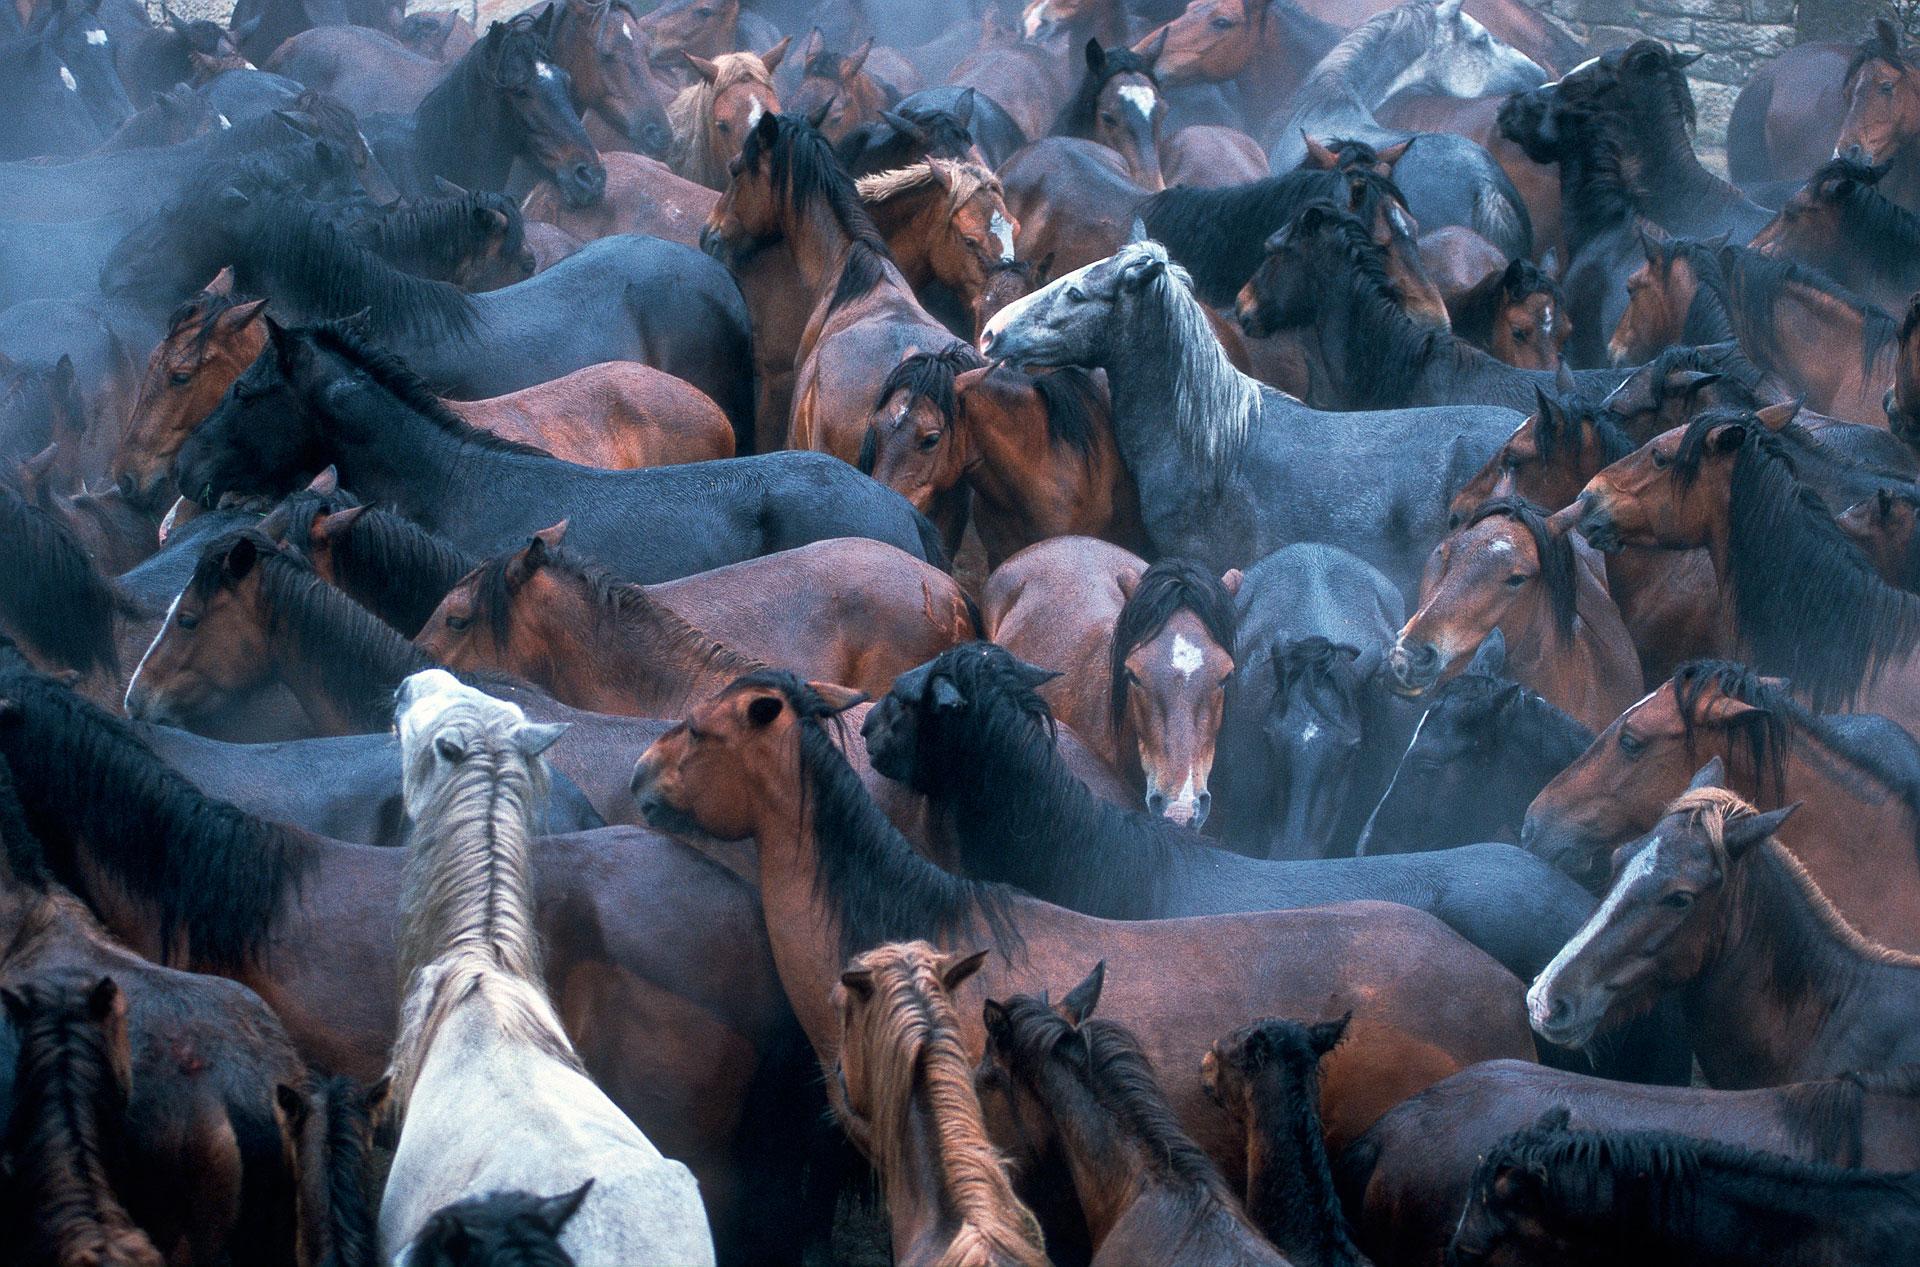 Rapa das Bestas, Spain